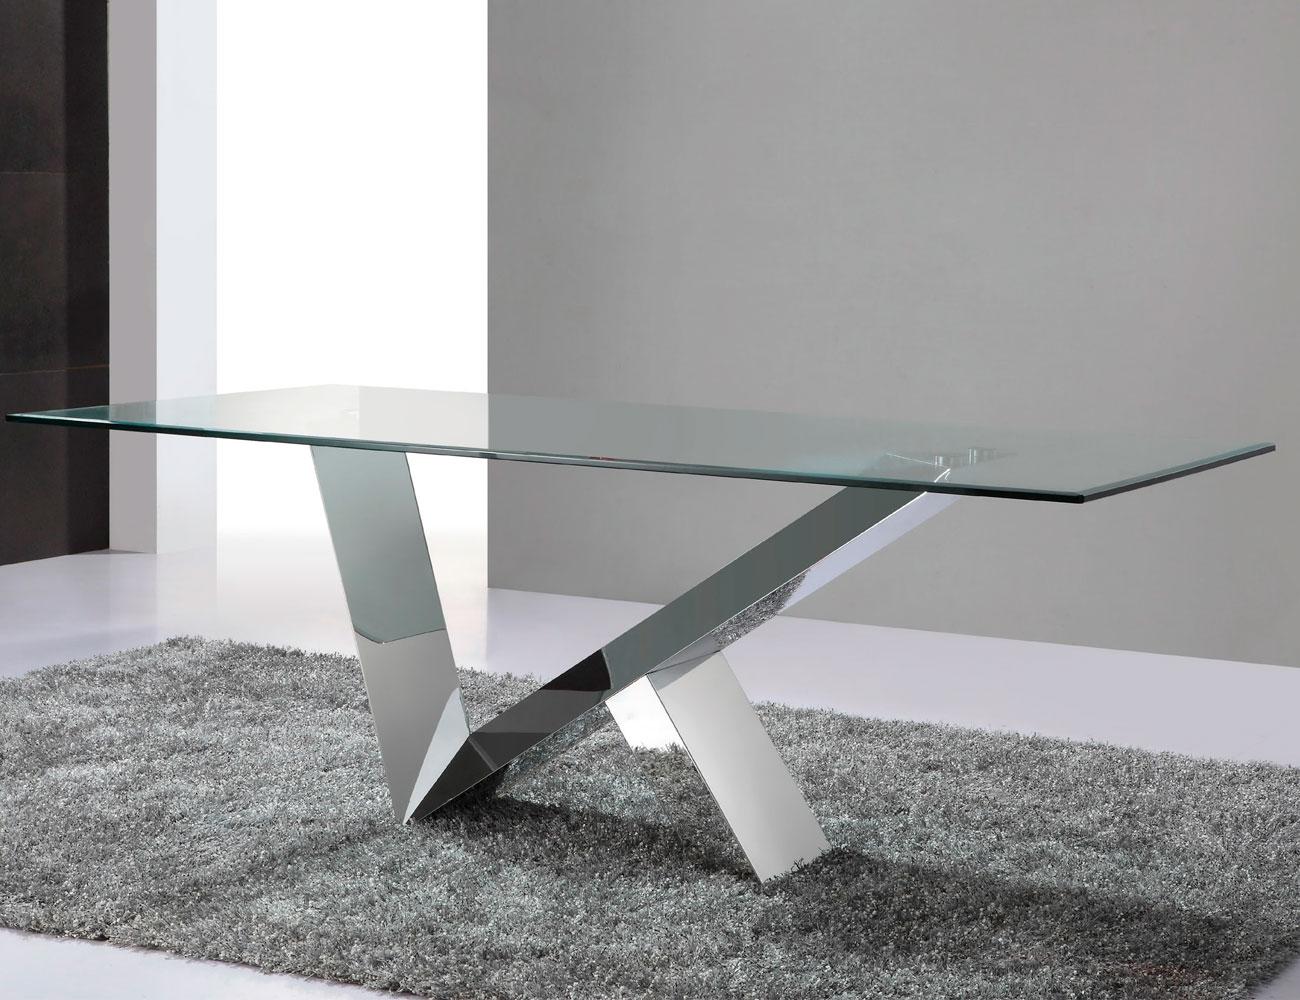 Mesa de comedor de cristal templado y estructura acero - Mesas de comedor modernas de cristal ...